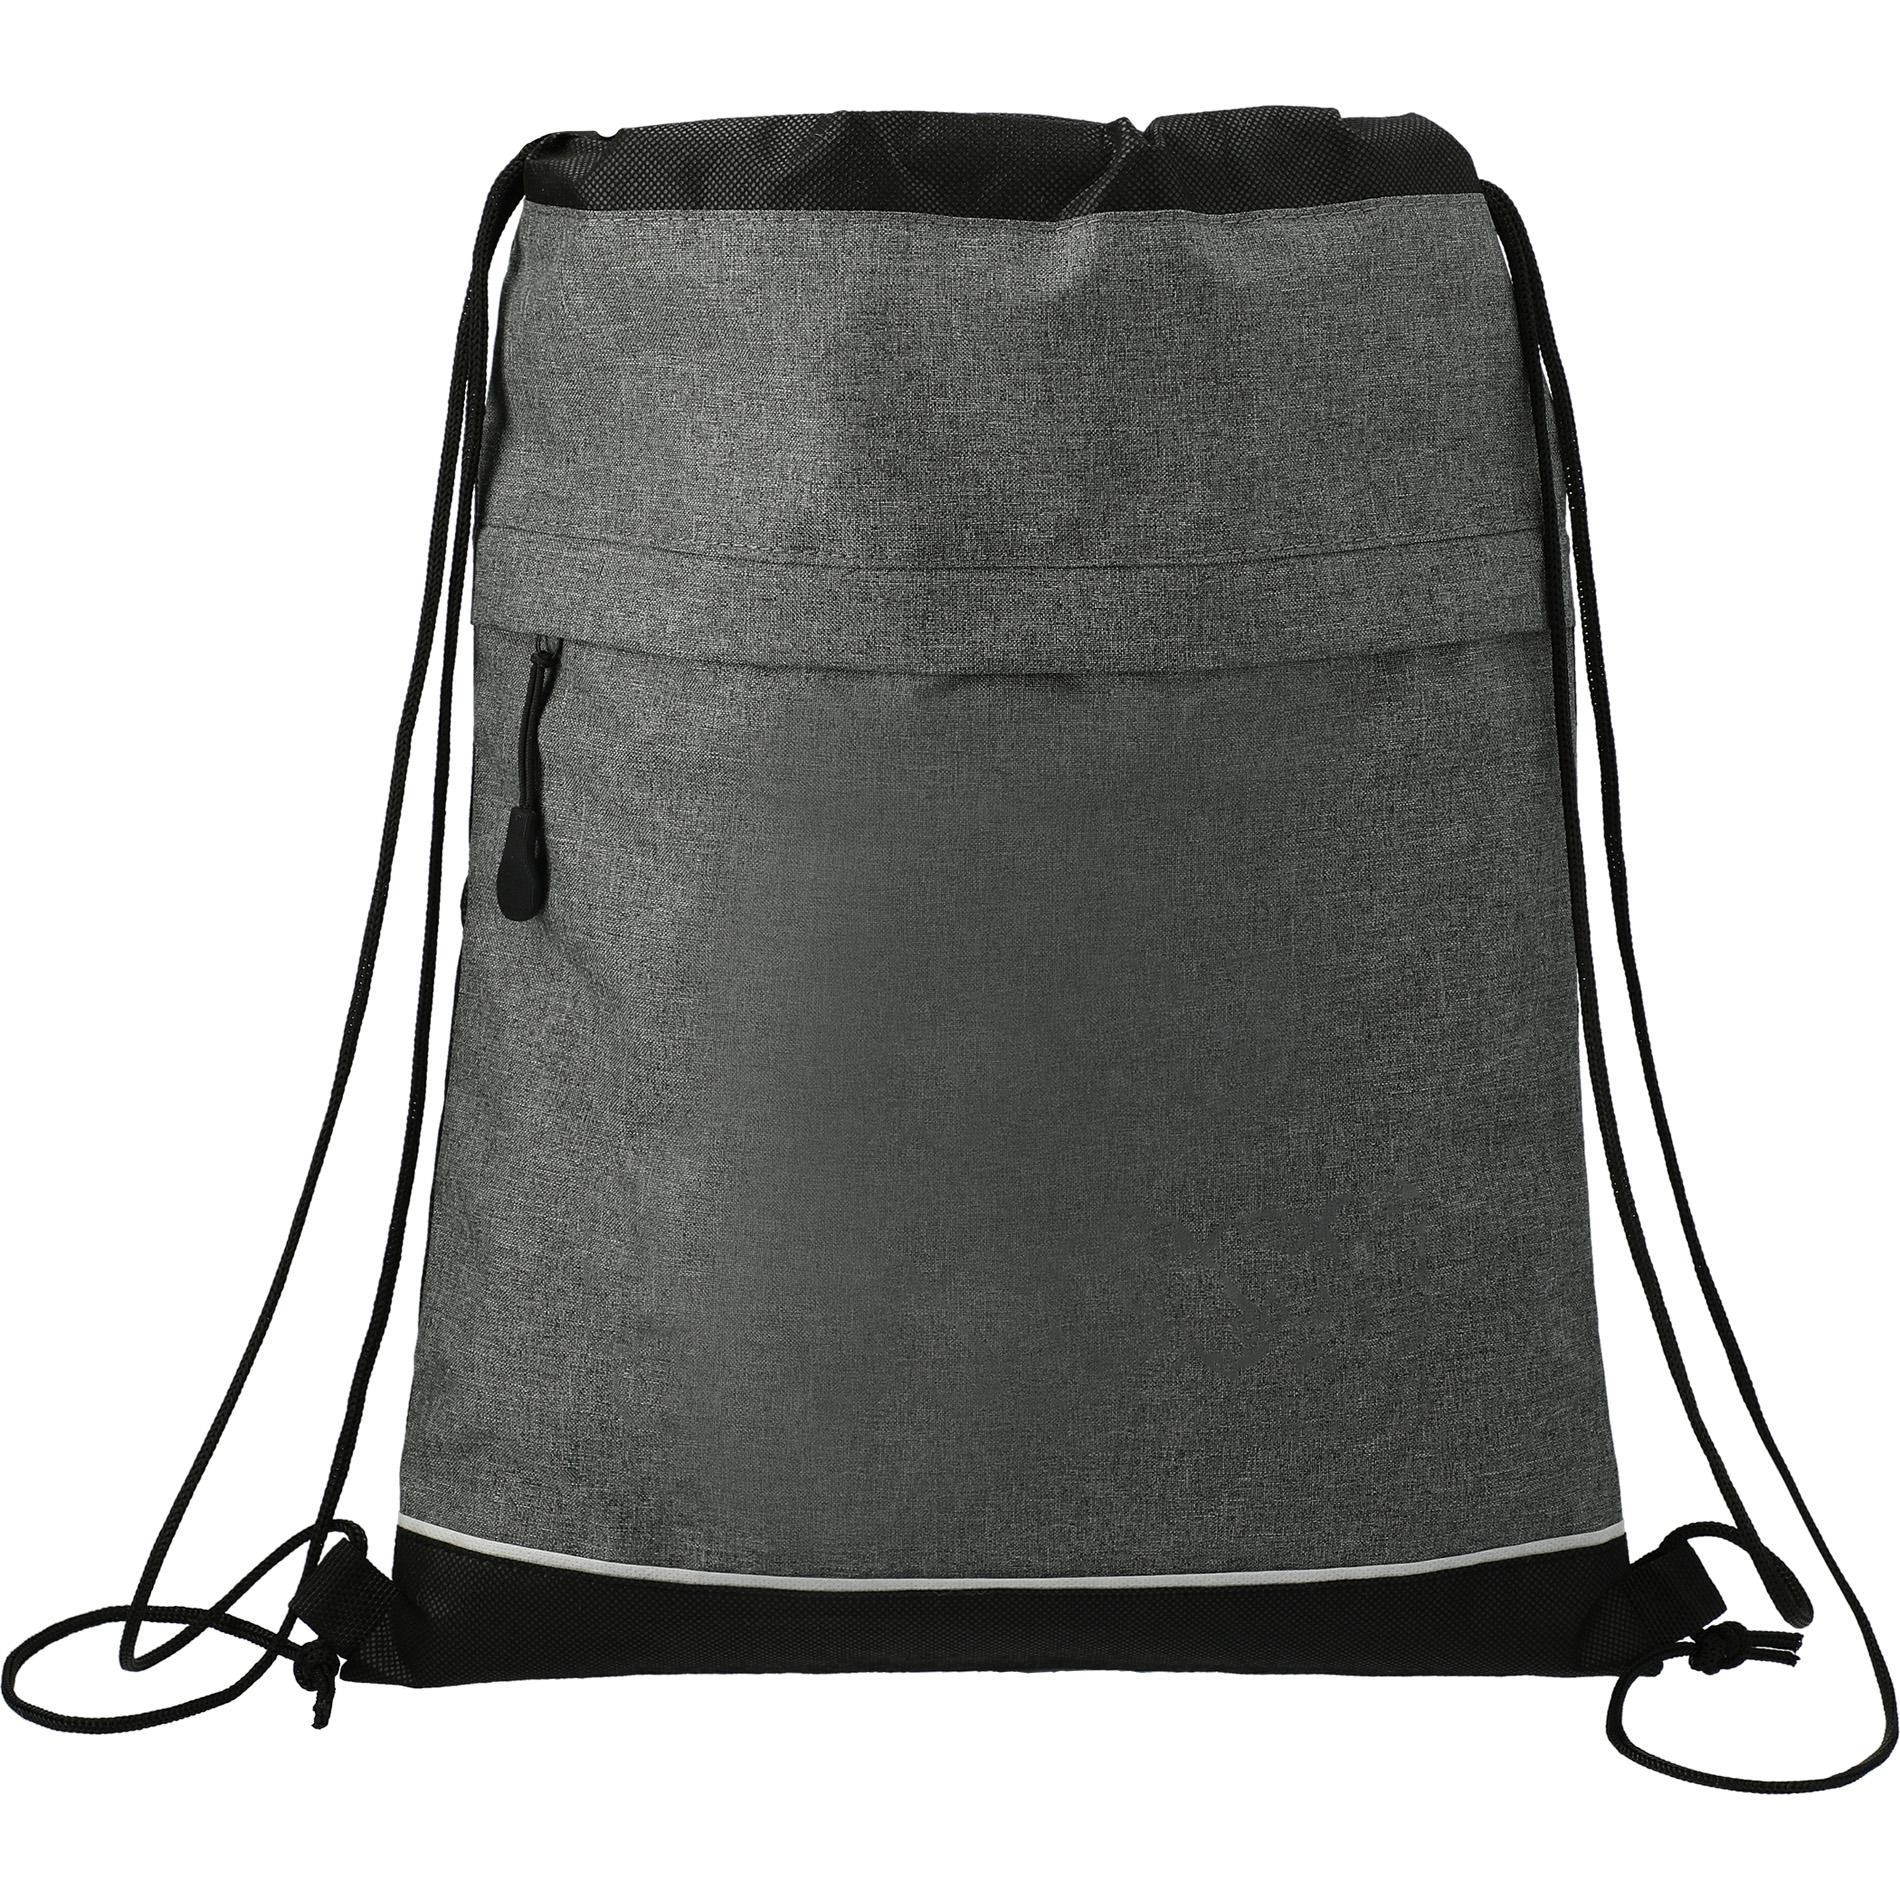 LEEDS 3005-74 - Quarry Drawstring Bag